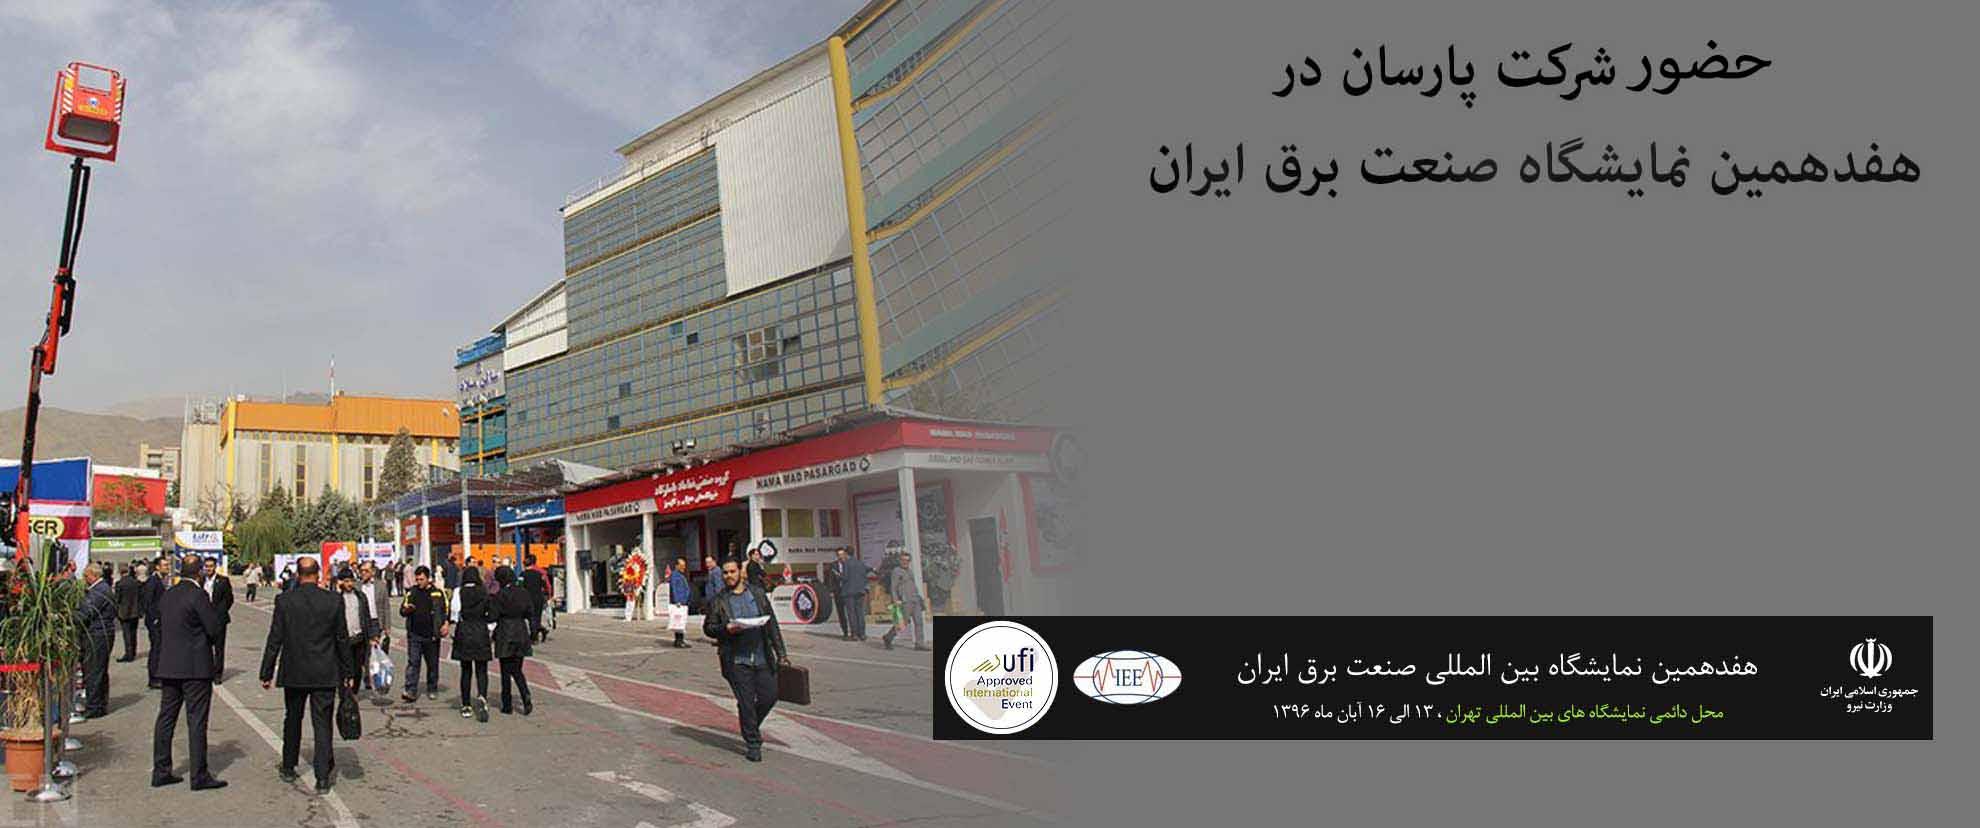 تولید مقاومتهای صنعتی با دانش متخصصان ایرانی